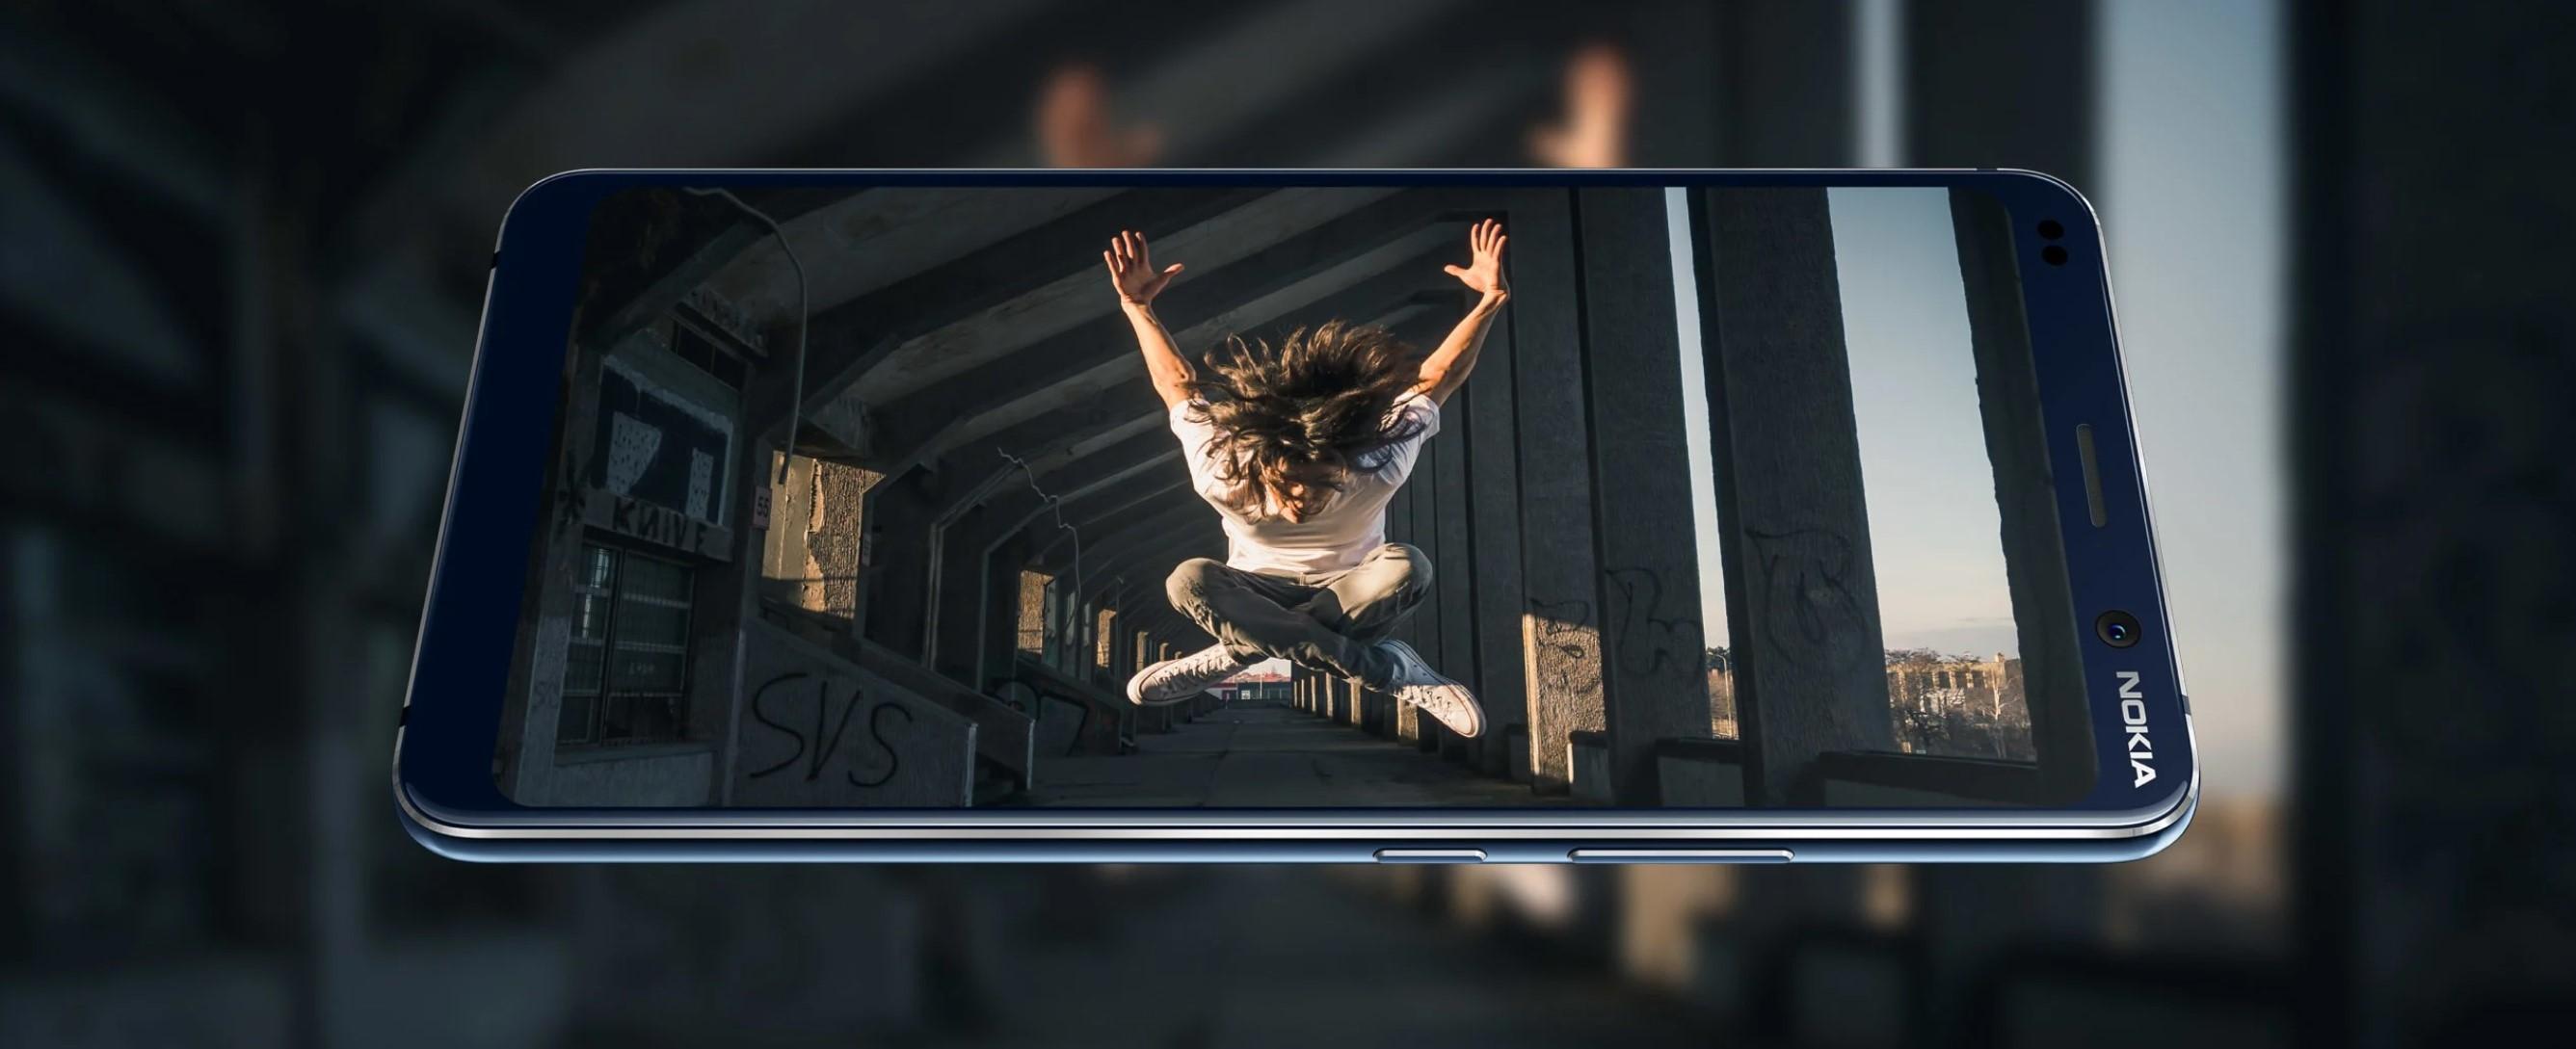 Nokia 9.3 Pure View będzie nagrywać wideo w 8K. Czy warto na to czekać? 18